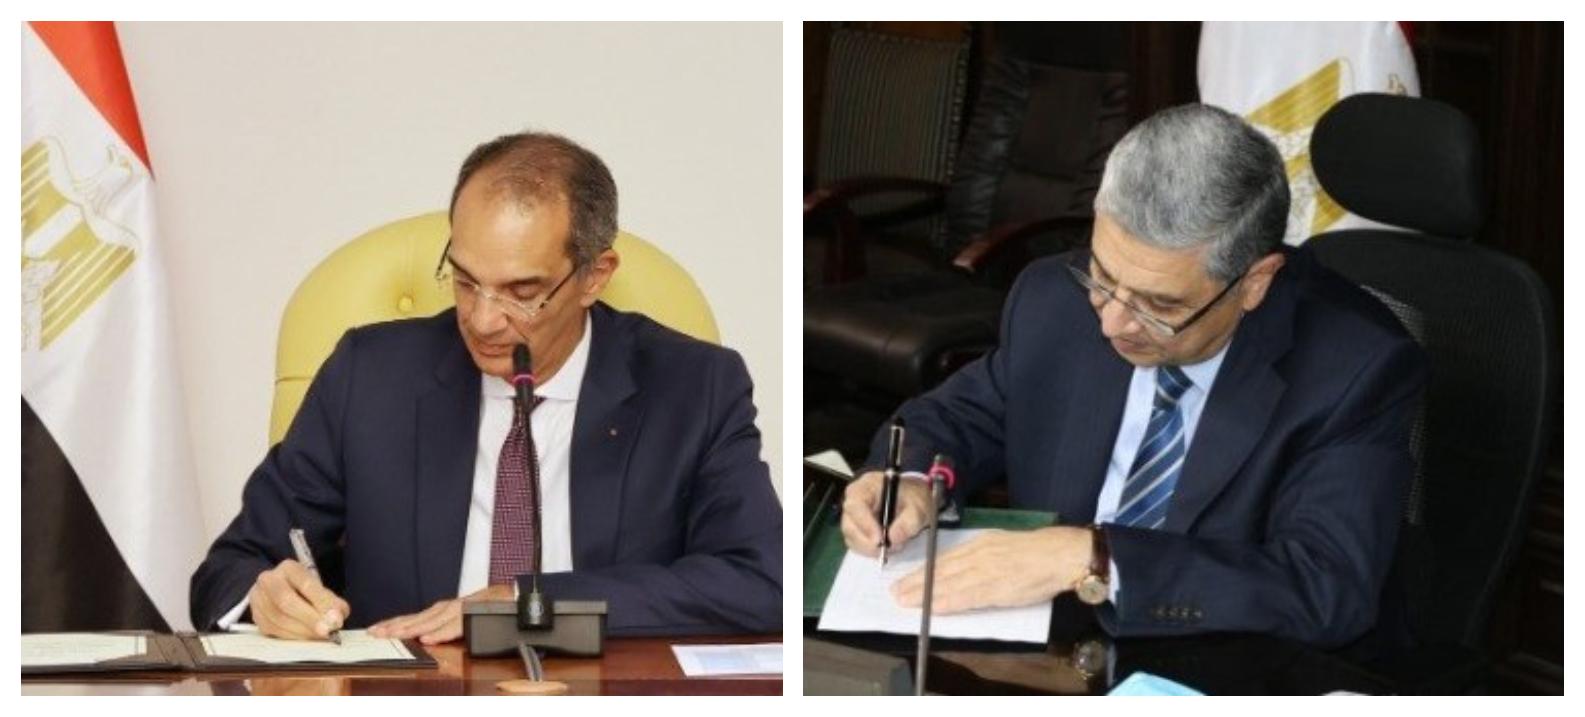 وزيرا الكهرباء والاتصالات يوقعان بروتوكول تطوير منصة مصر الرقمية عبر  الفيديو كونفرانس